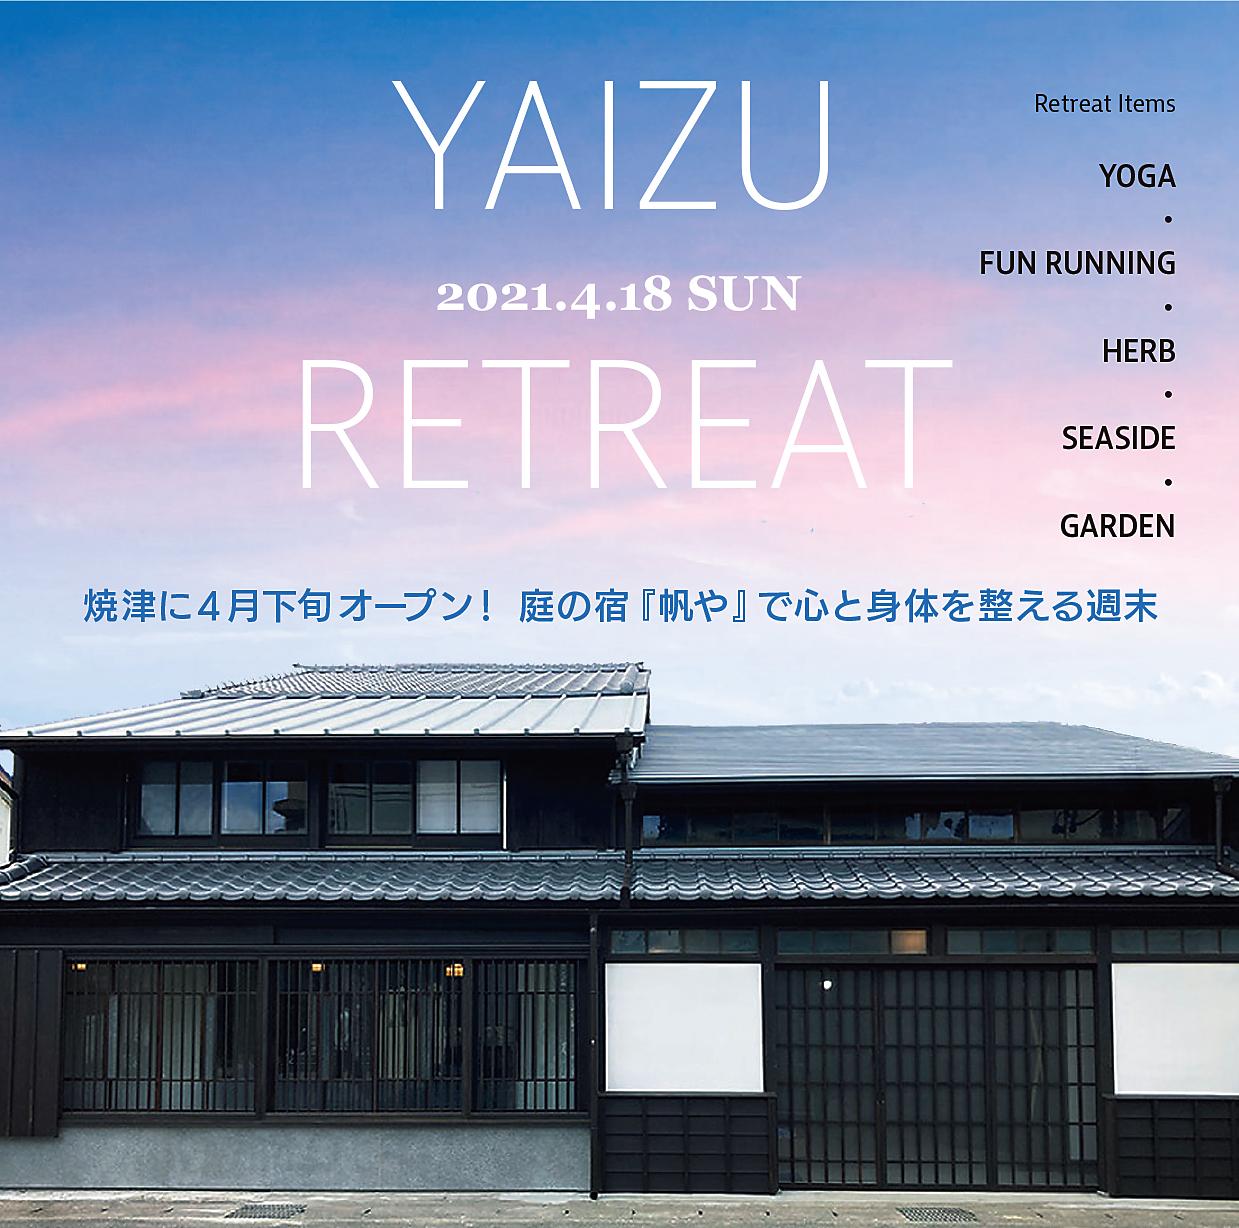 4月18日(日)開催<br>「帆や-hoya- 焼津」 <br>YAIZU RETREAT